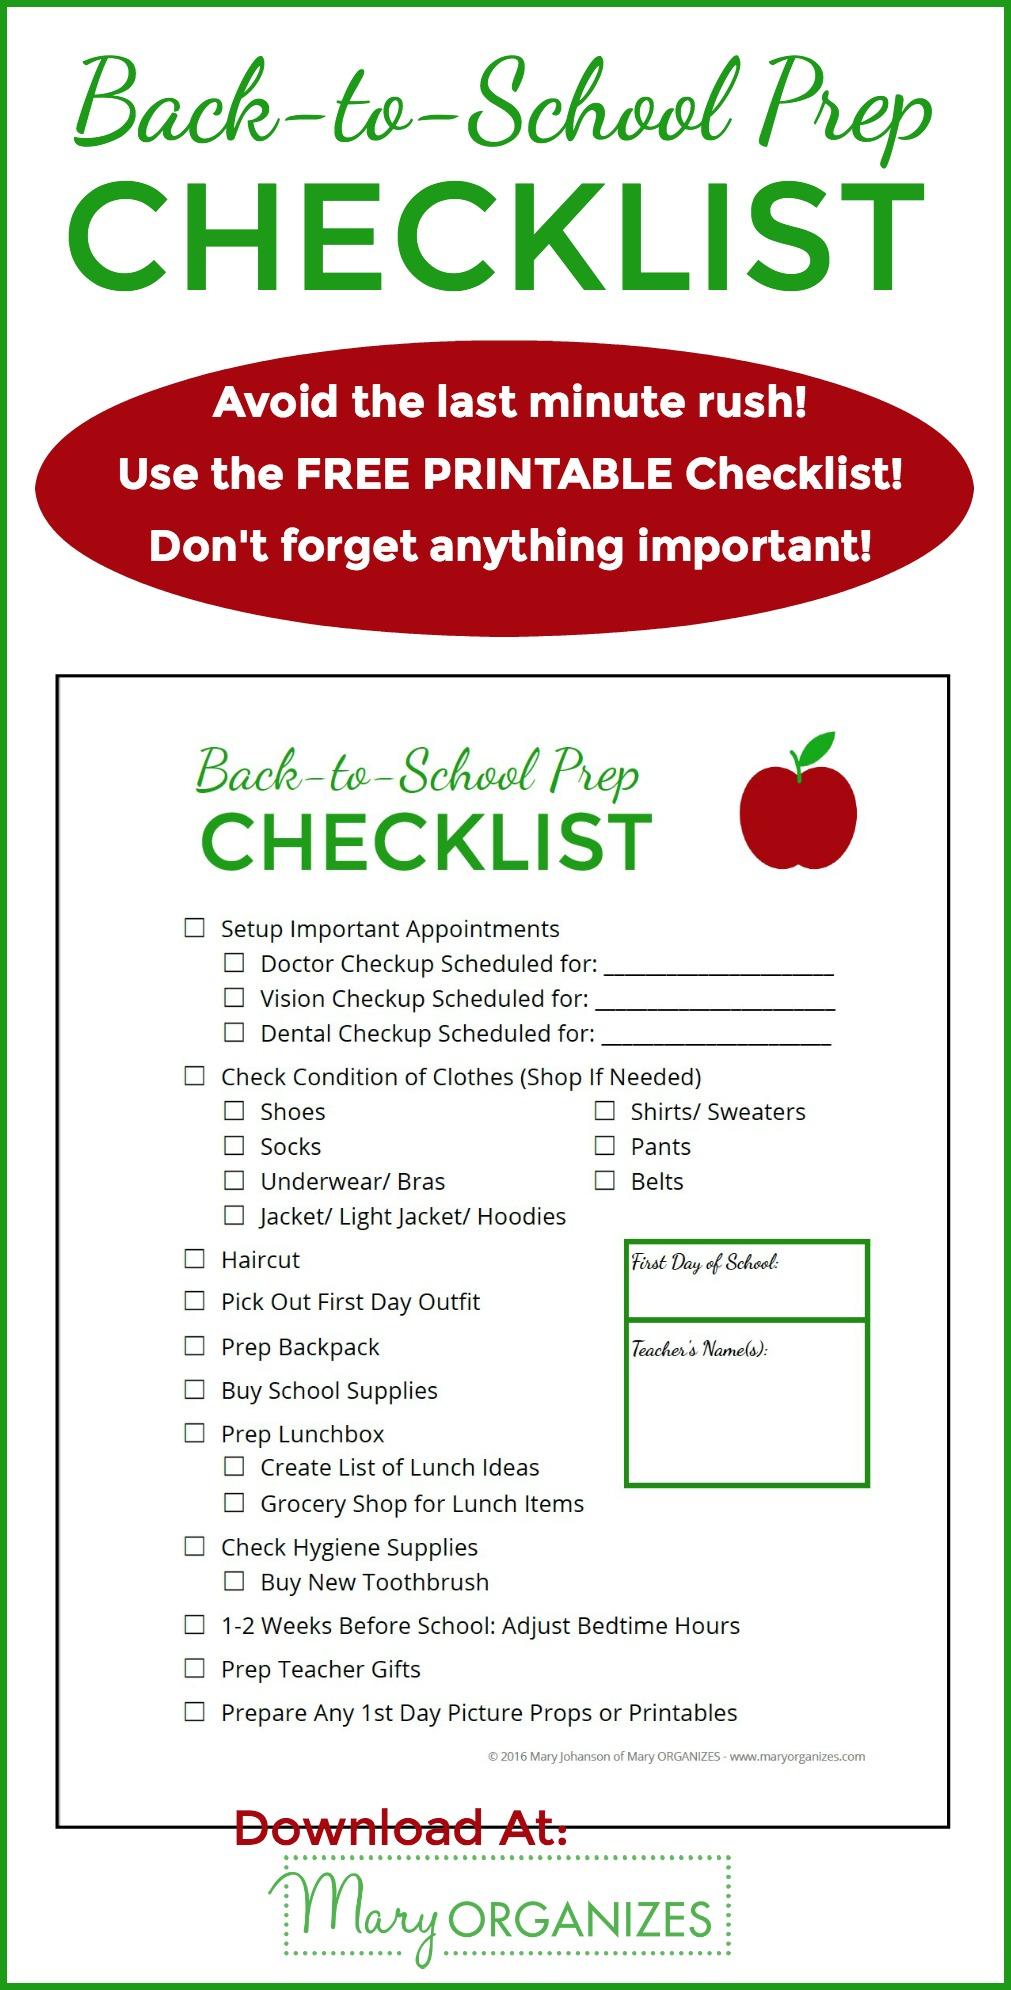 Back to School Prep Checklist FREE Printable -v